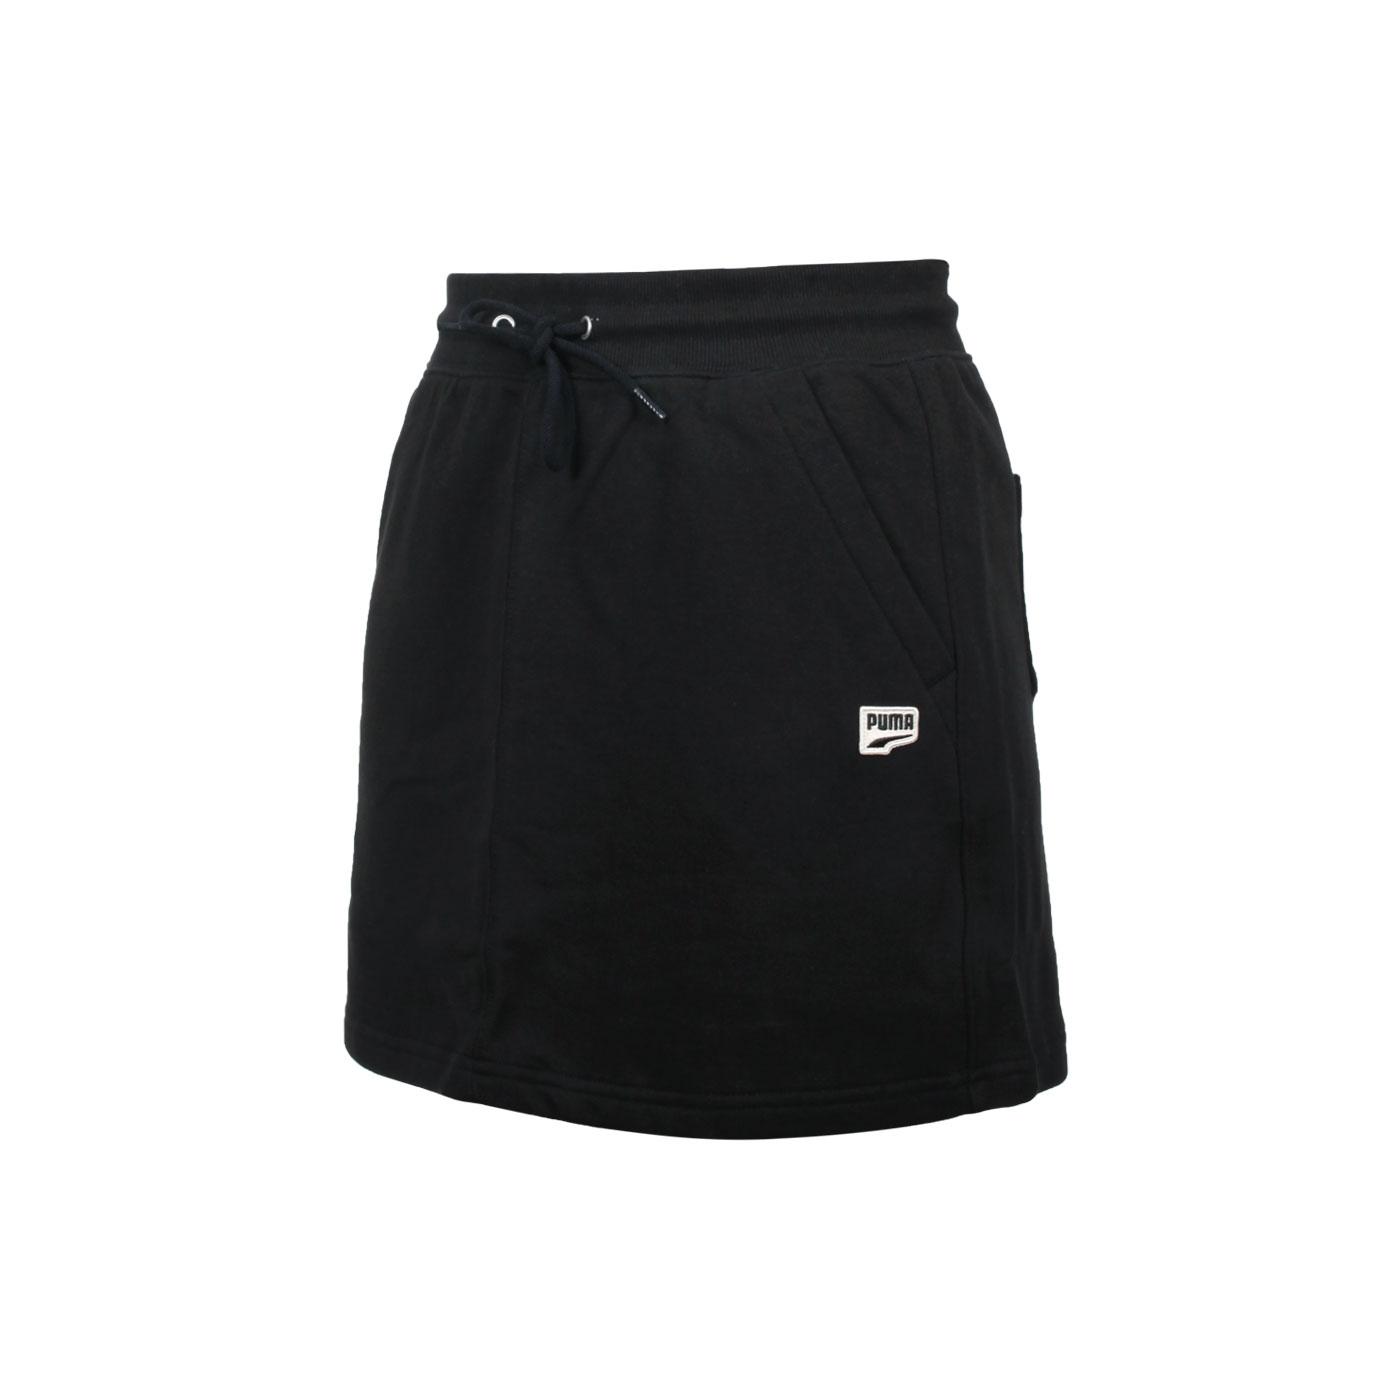 PUMA 女款流行系列Downtown短裙 53169401 - 黑米黃